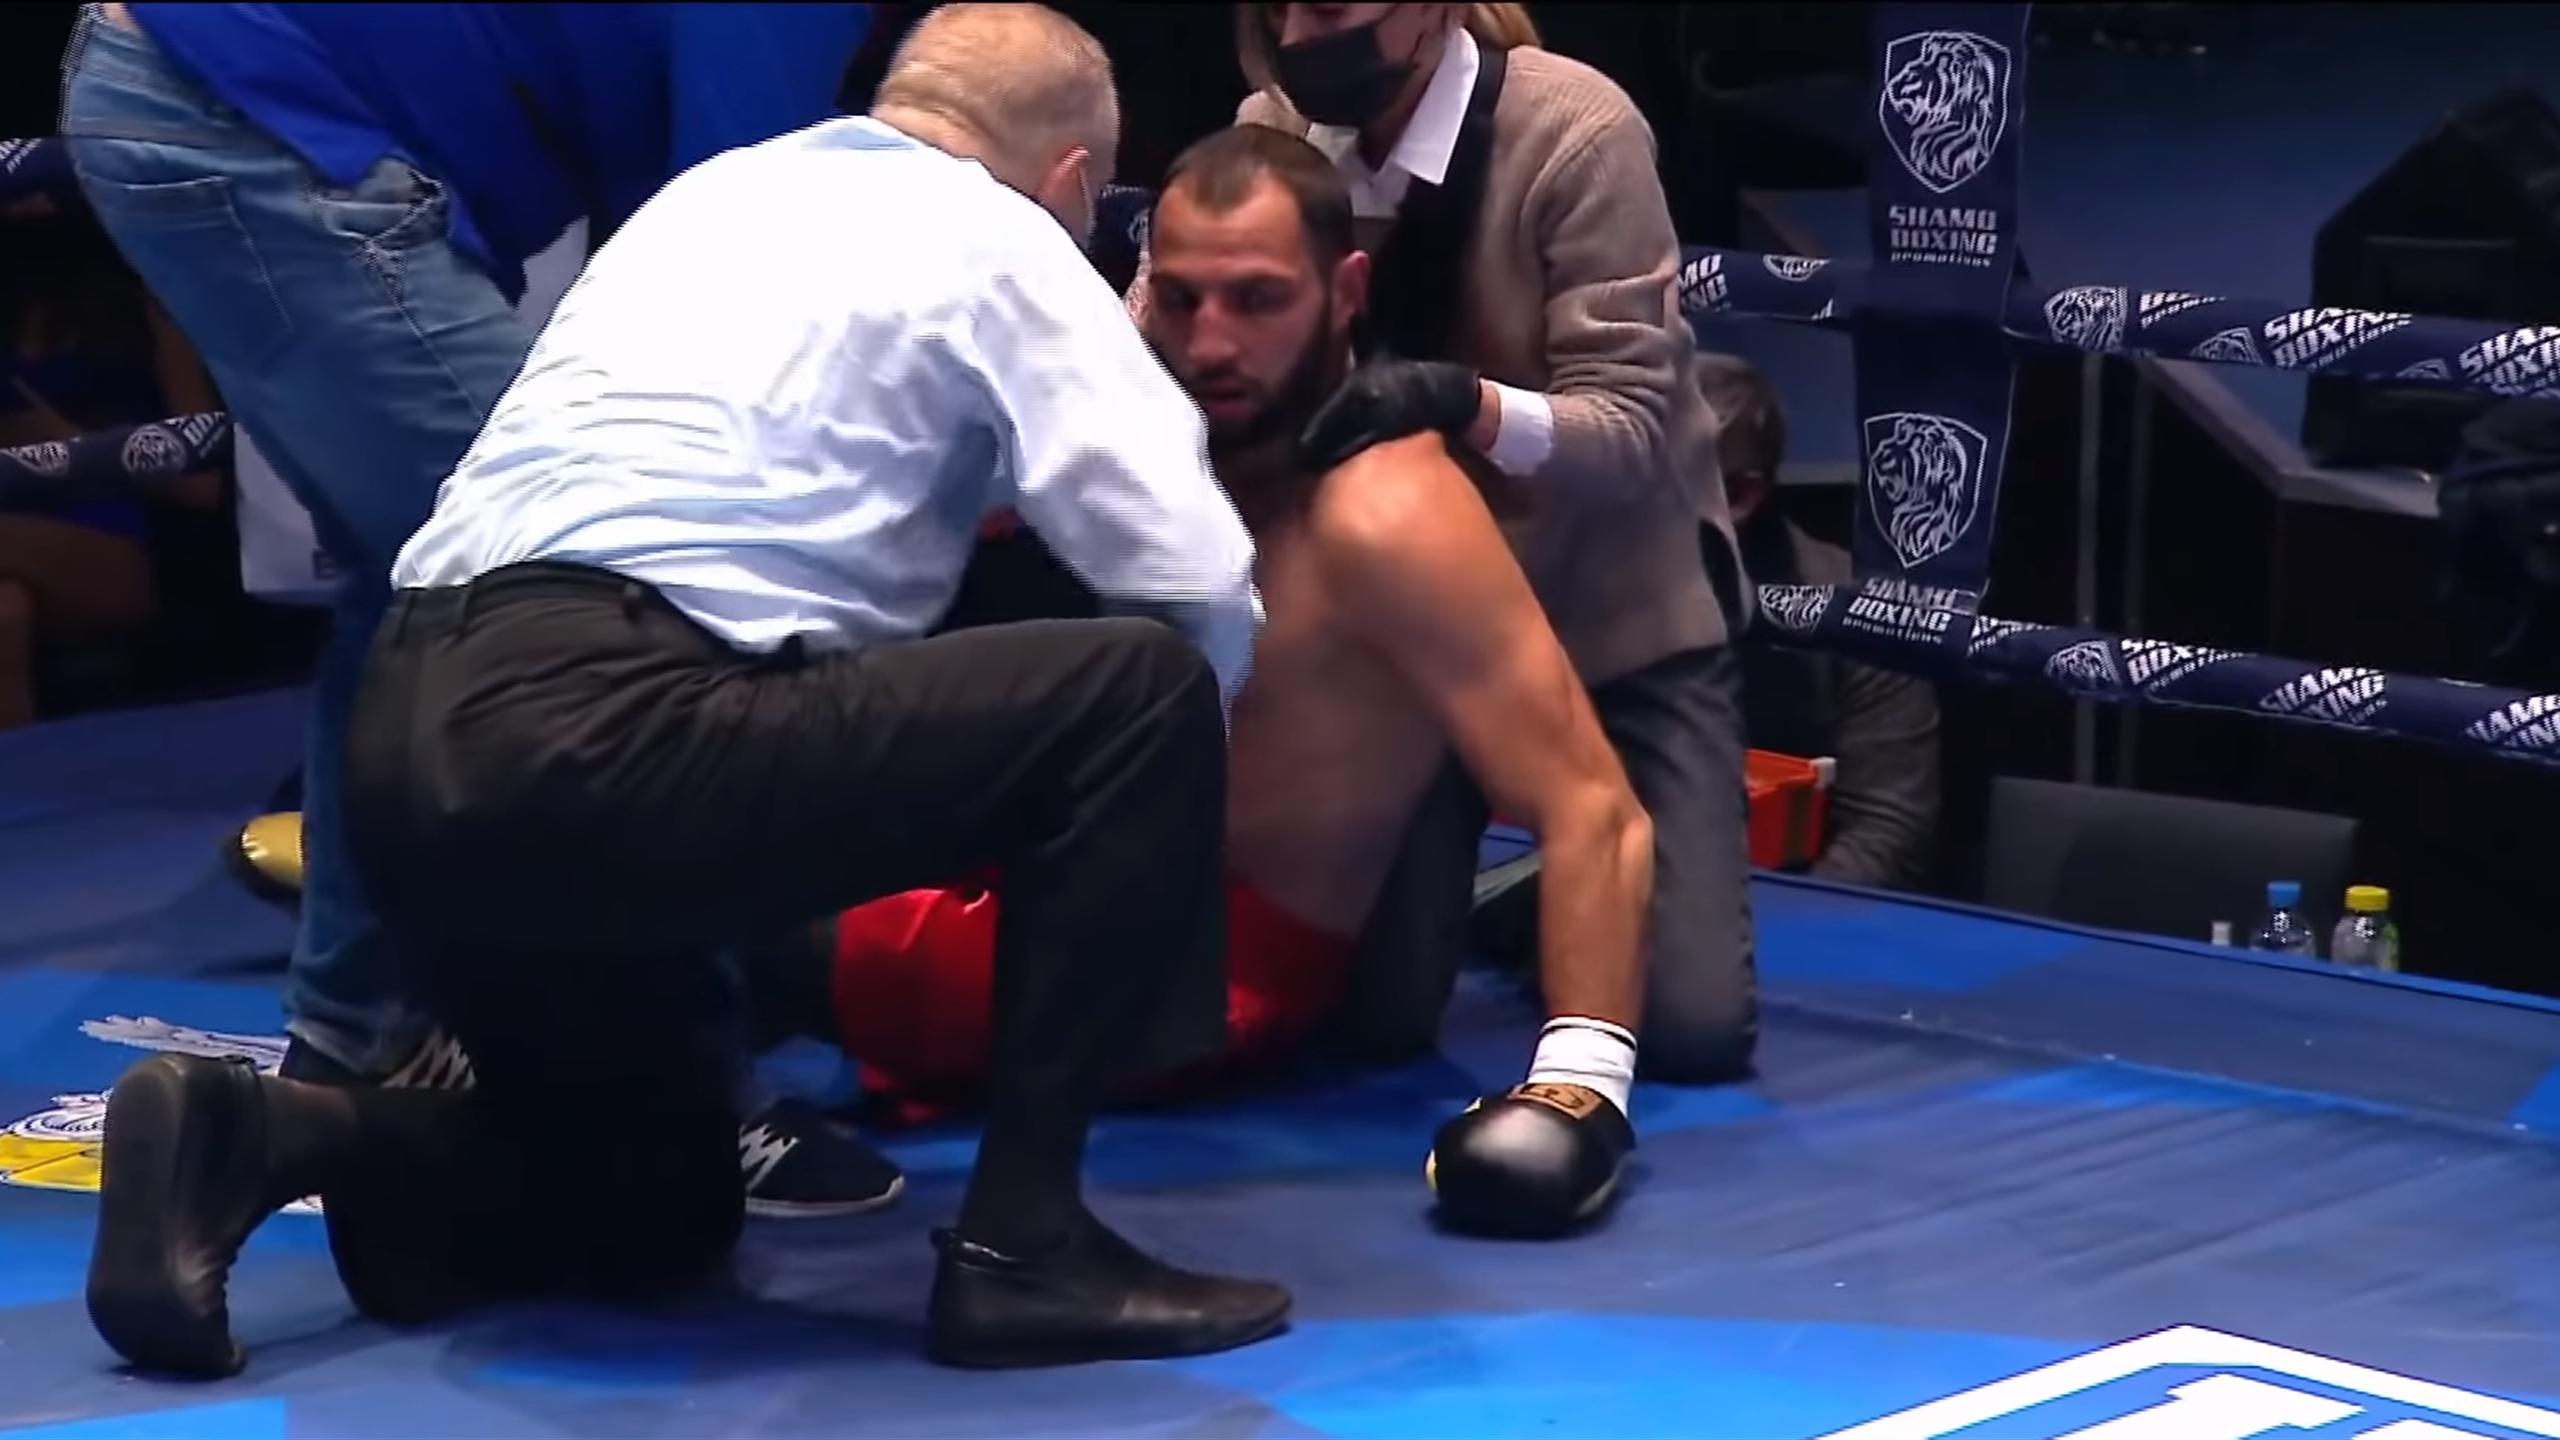 Боксера госпитализировали без сознания после тяжелейшего нокаута